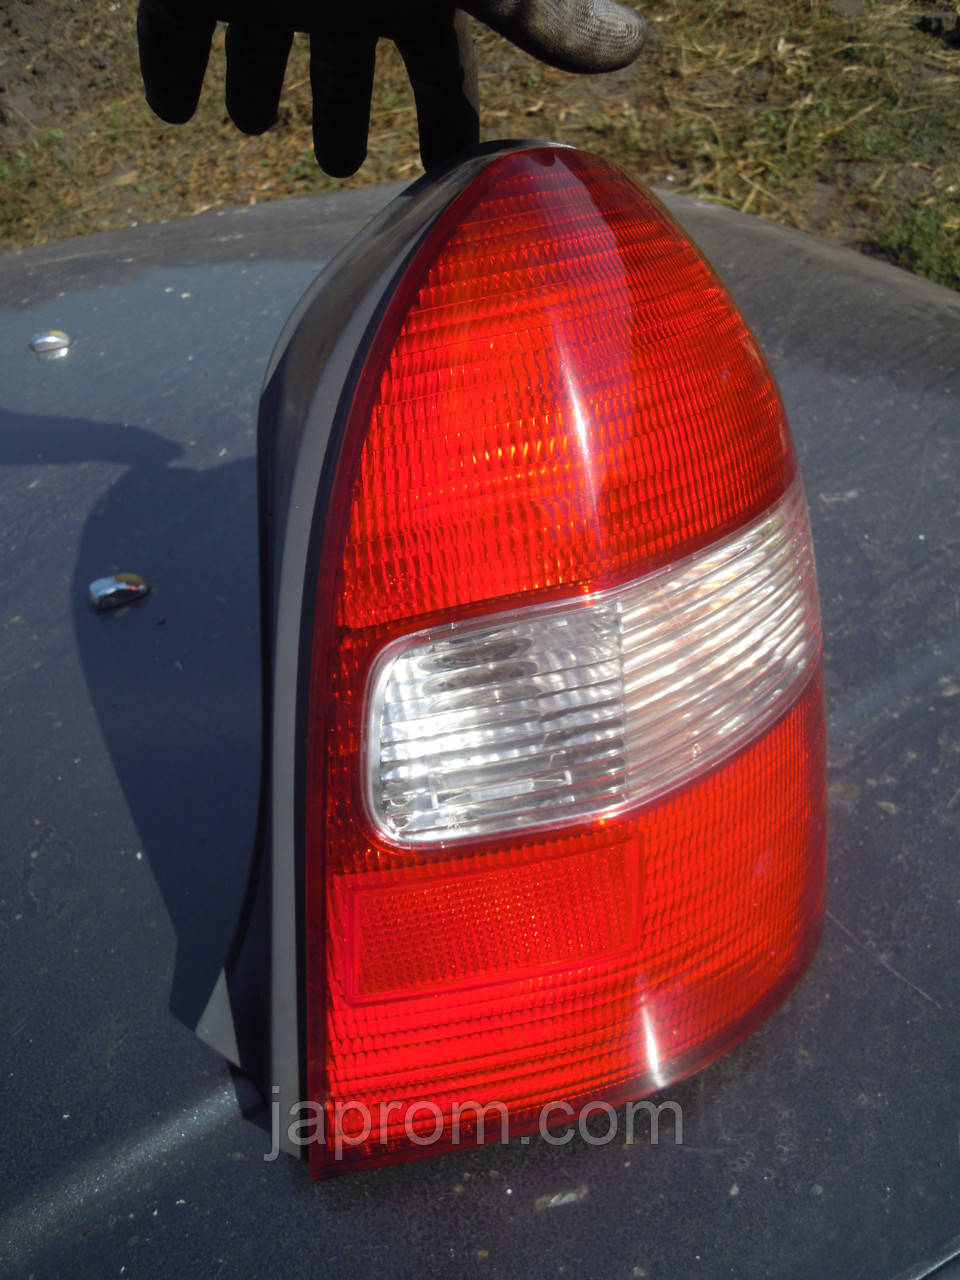 Фонарь стоп задний правый Mazda 323 BJ 1997-1999г.в. 5дв хетчбек дорестайл